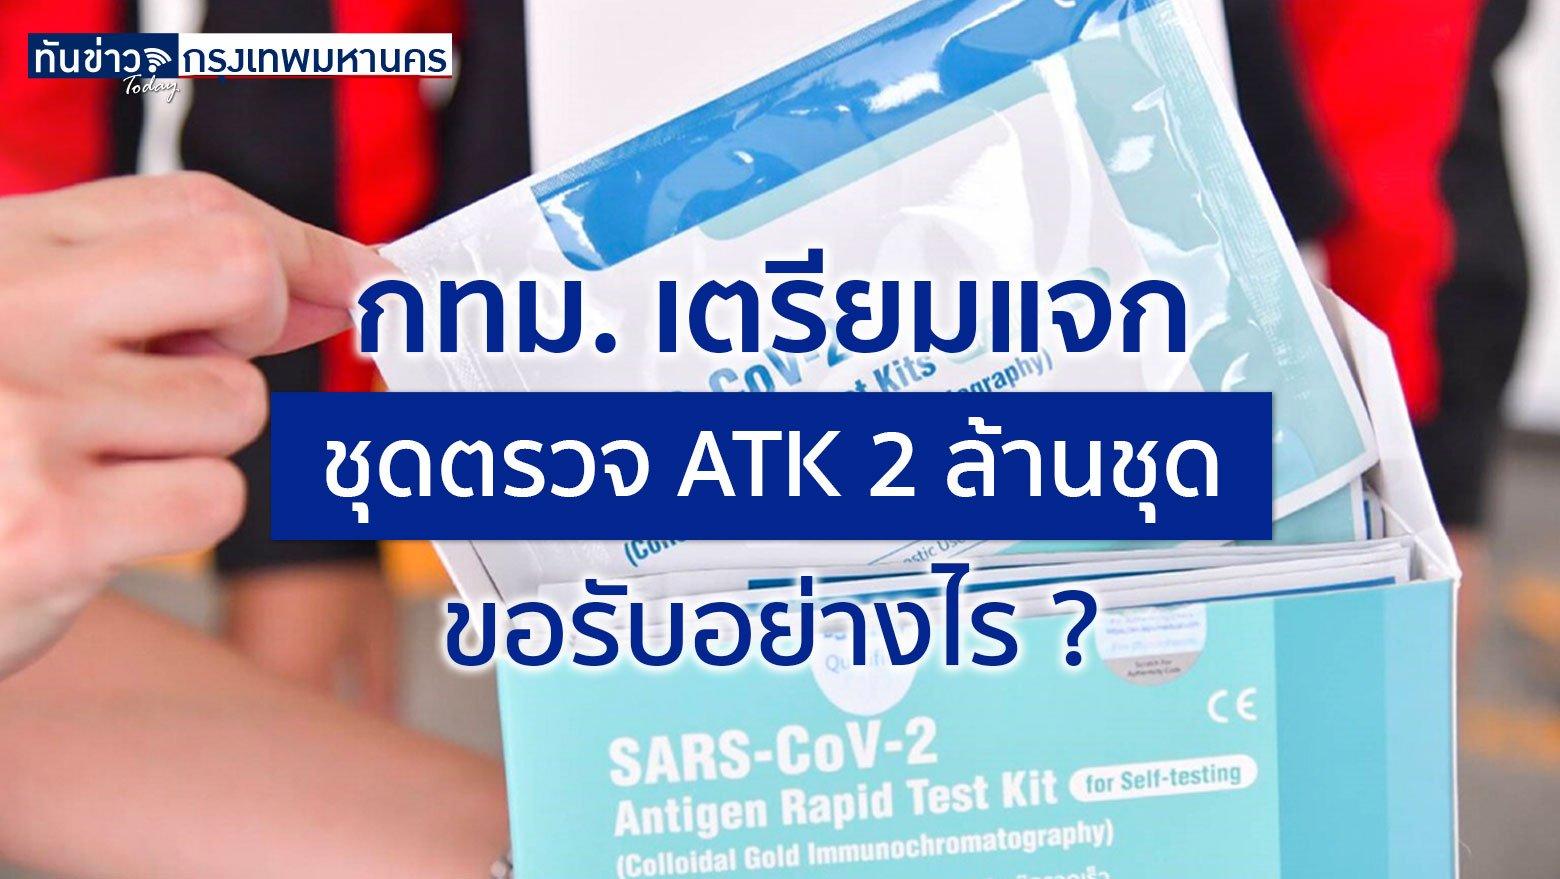 กทม. เตรียมแจกชุดตรวจ ATK 2 ล้านชุด ขอรับอย่างไร?